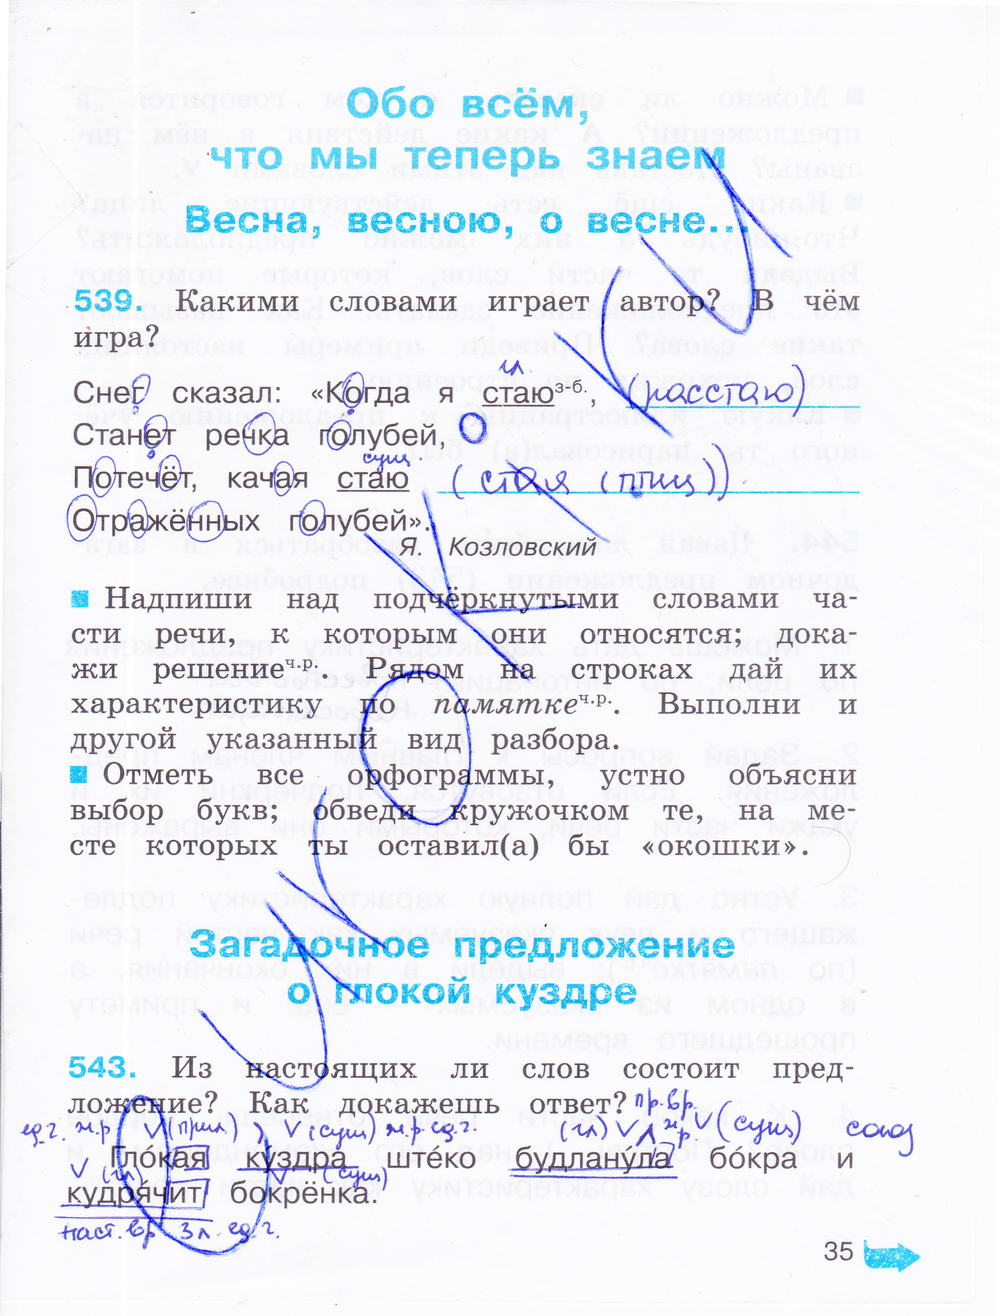 кузьменко гдз соловейчик упражнение 2 2 русский часть язык класс